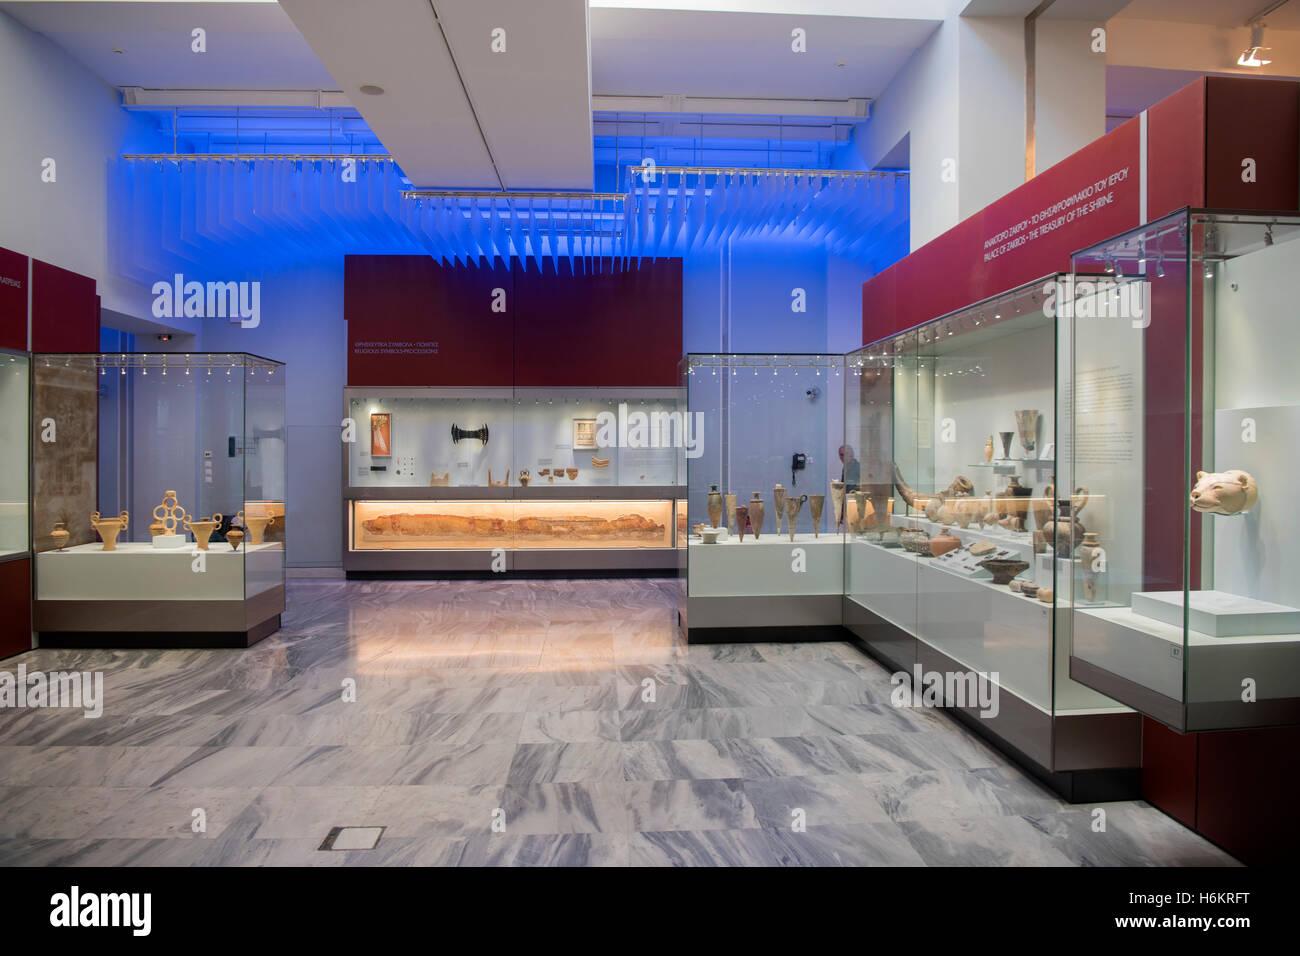 Griechenland, Kreta, Heraklion, Archäologisches Museum, veranstalten aus Dem Palast von Zakros, halbe Symbole Und Stockfoto